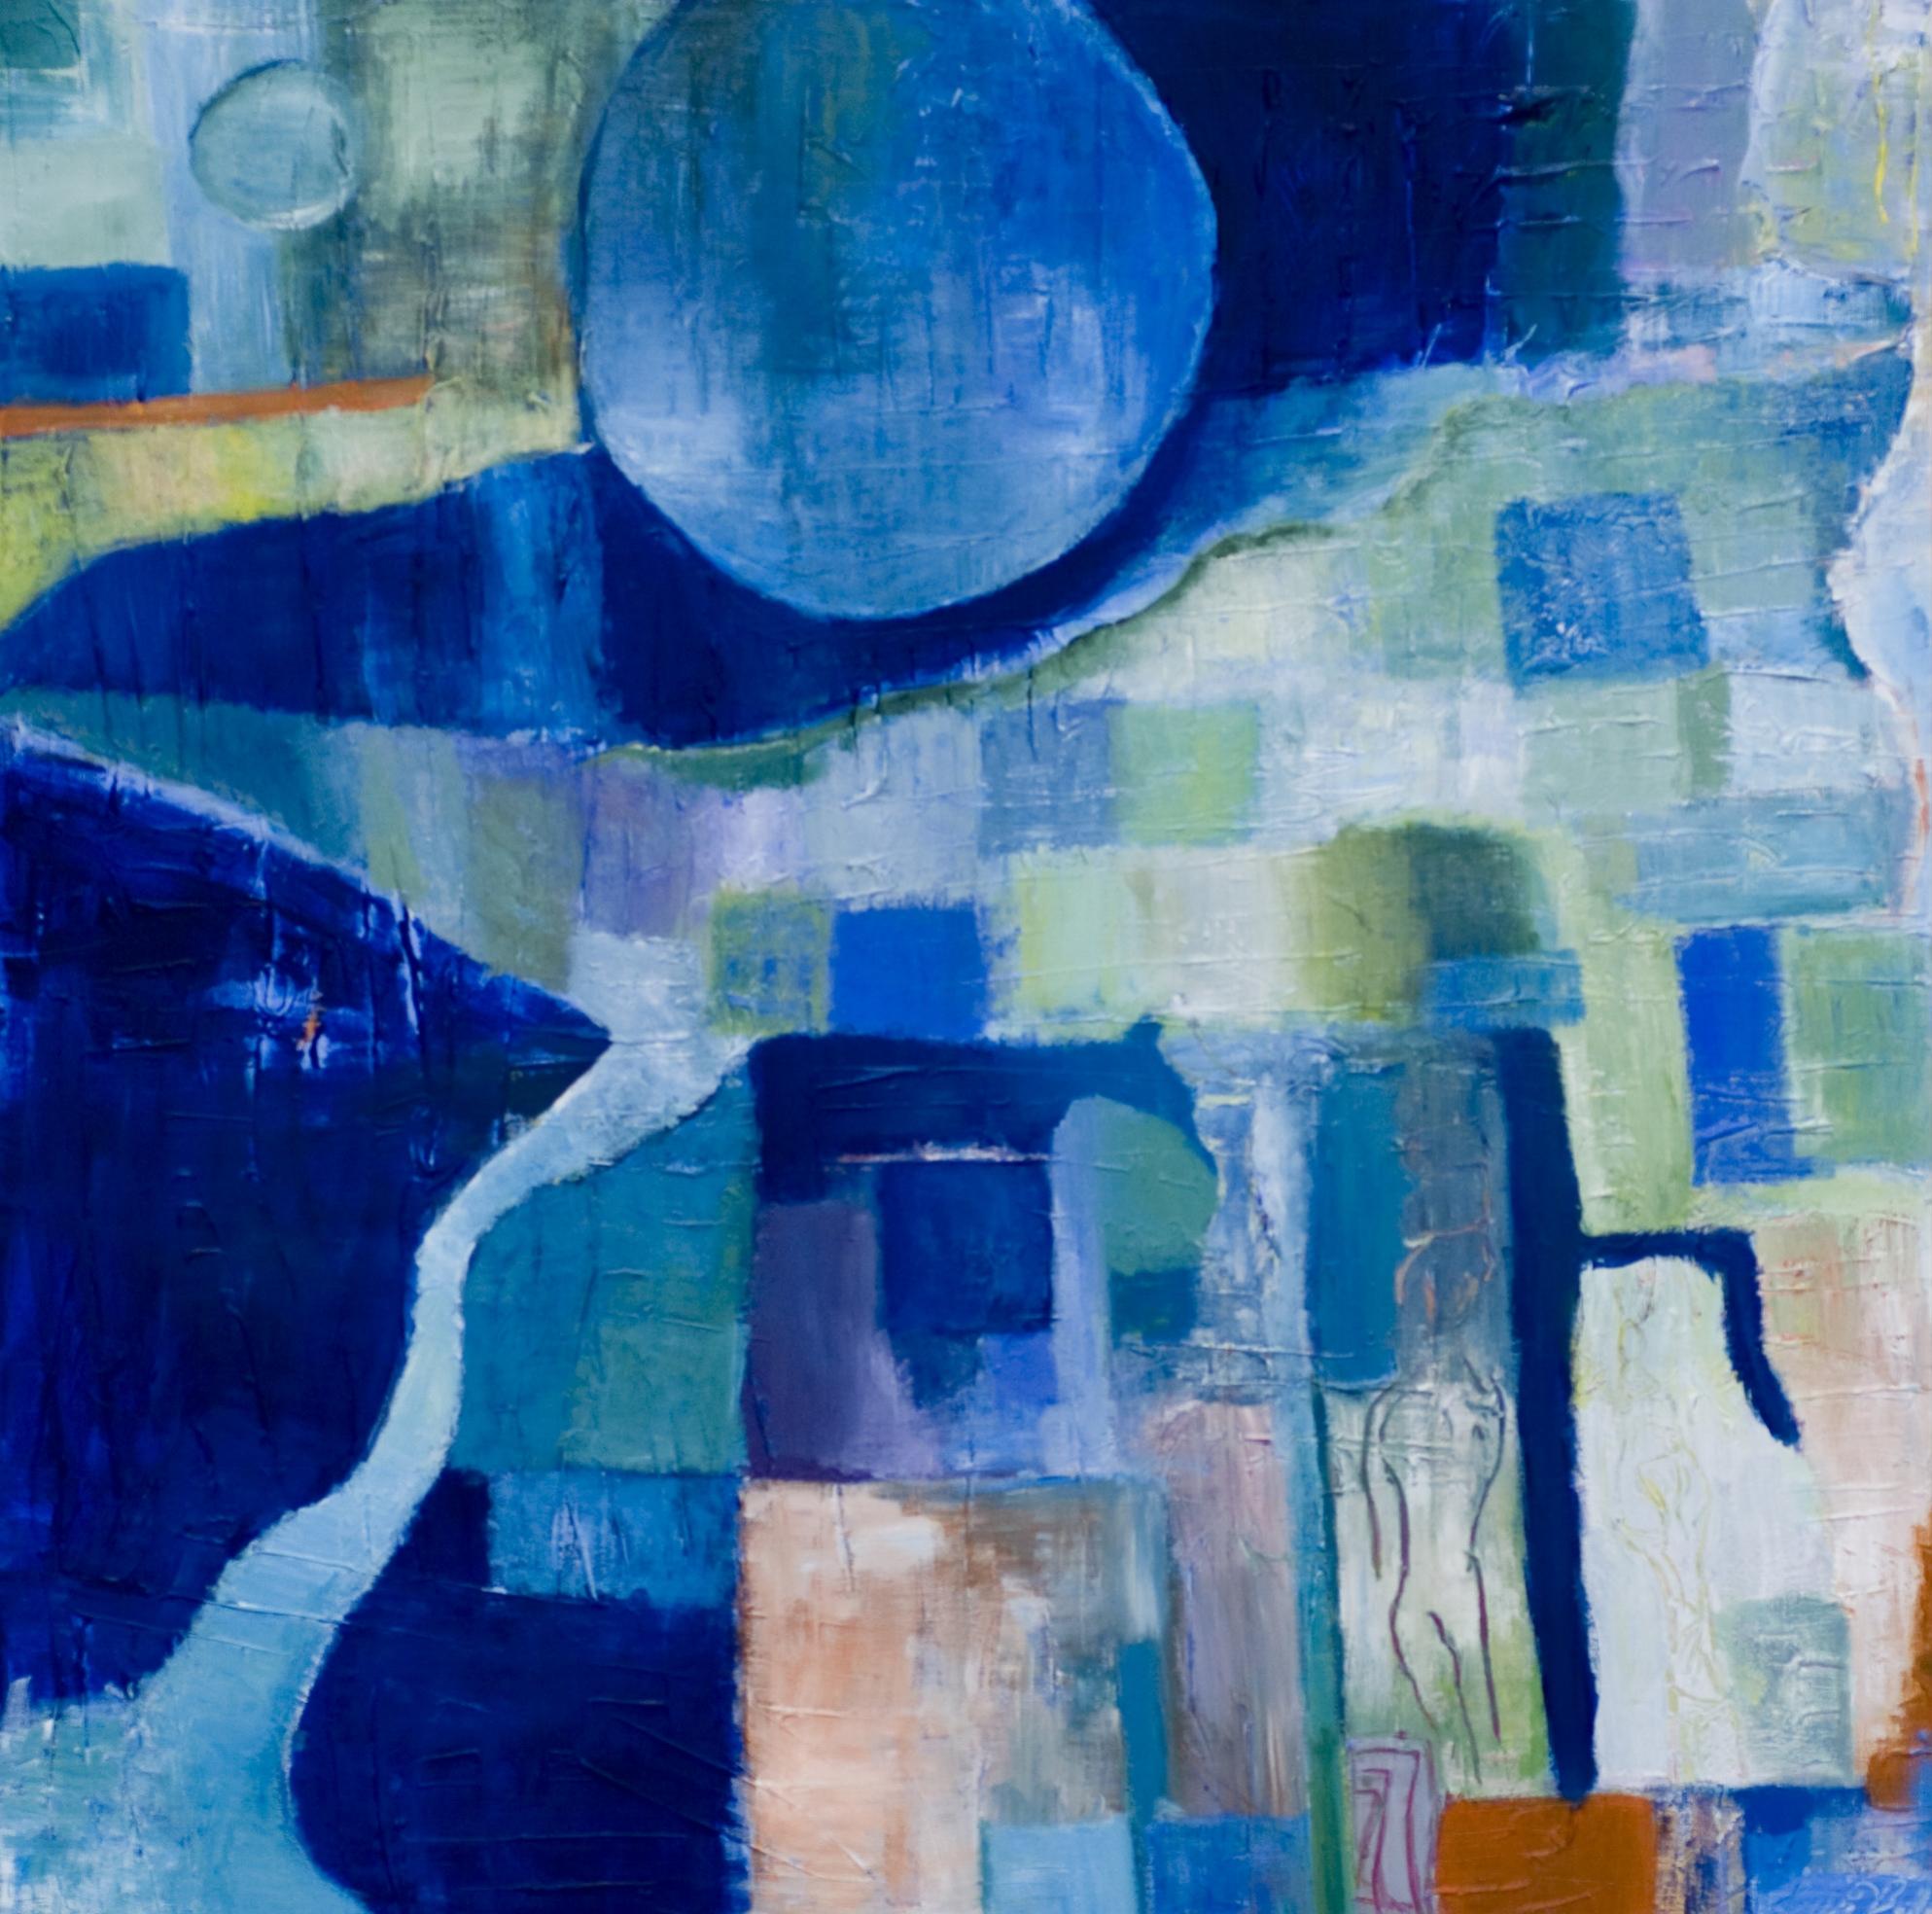 Lucy Art exhibition 2 009-1.jpg